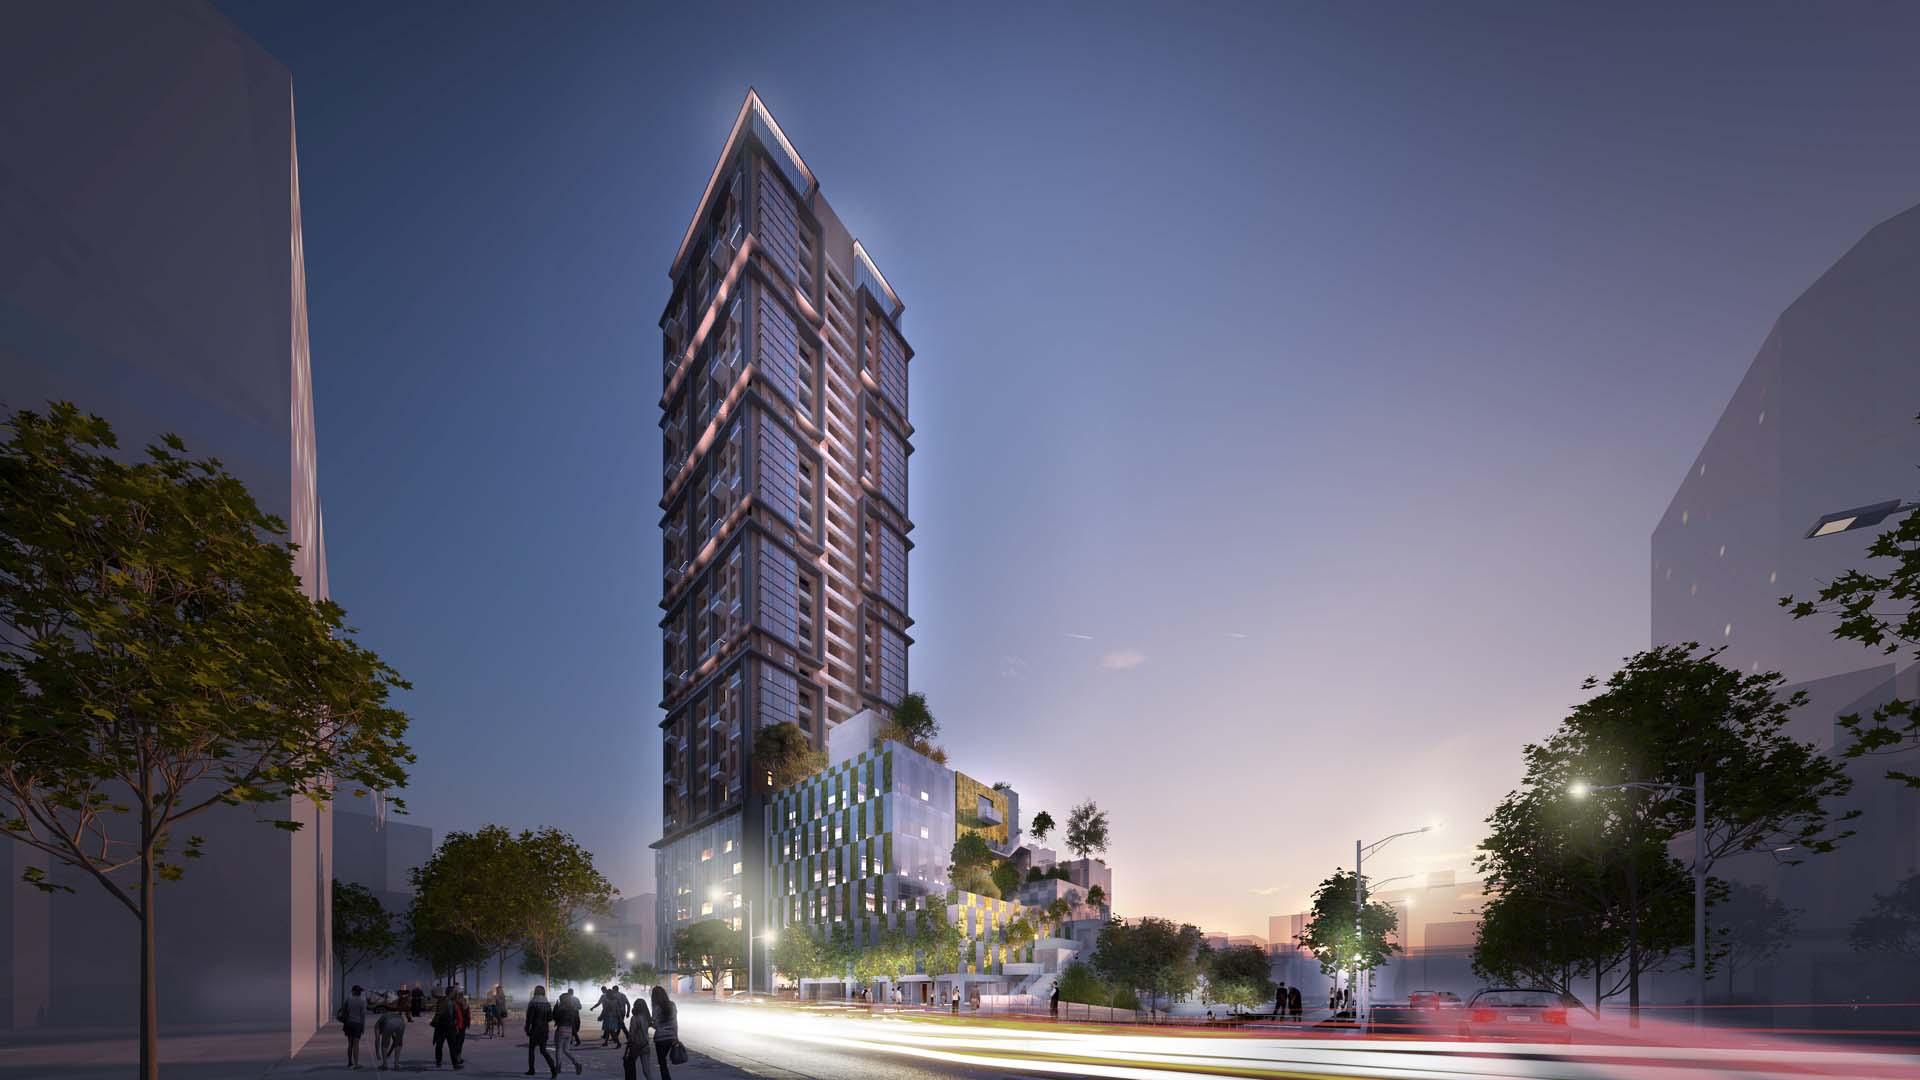 這裡未來將興建地下5層、地上34層的住商複合式大樓,打造商圈新地標。